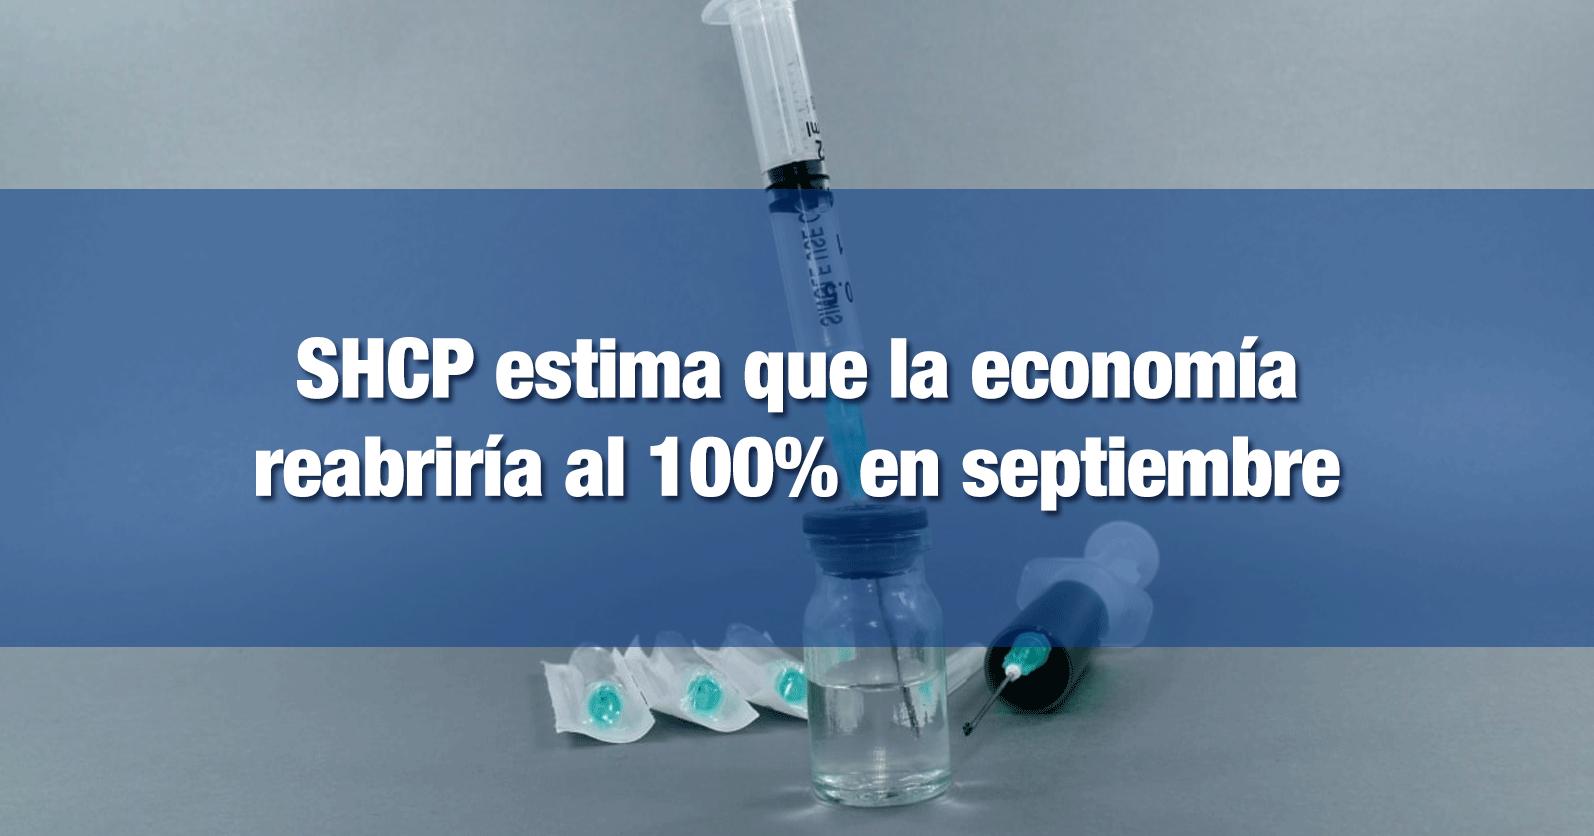 SHCP estima que la economía reabriría al 100% en septiembre